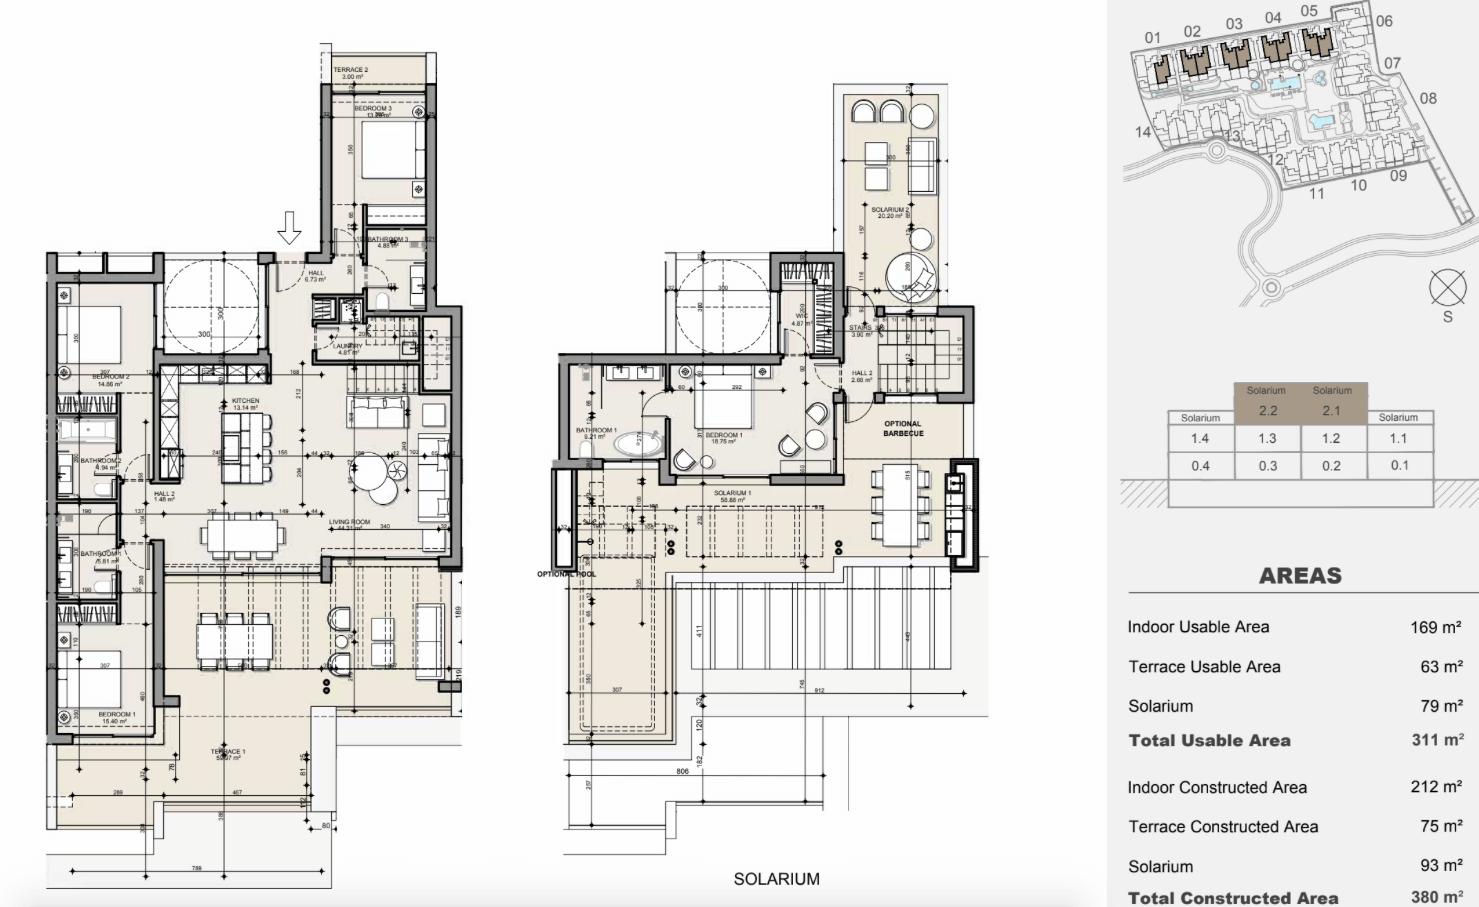 ayana estepona new golden mile resort nieuwbouw modern appartement penthouse te koop wandelafstand zee grondplan penthouse 4 slaapkamers